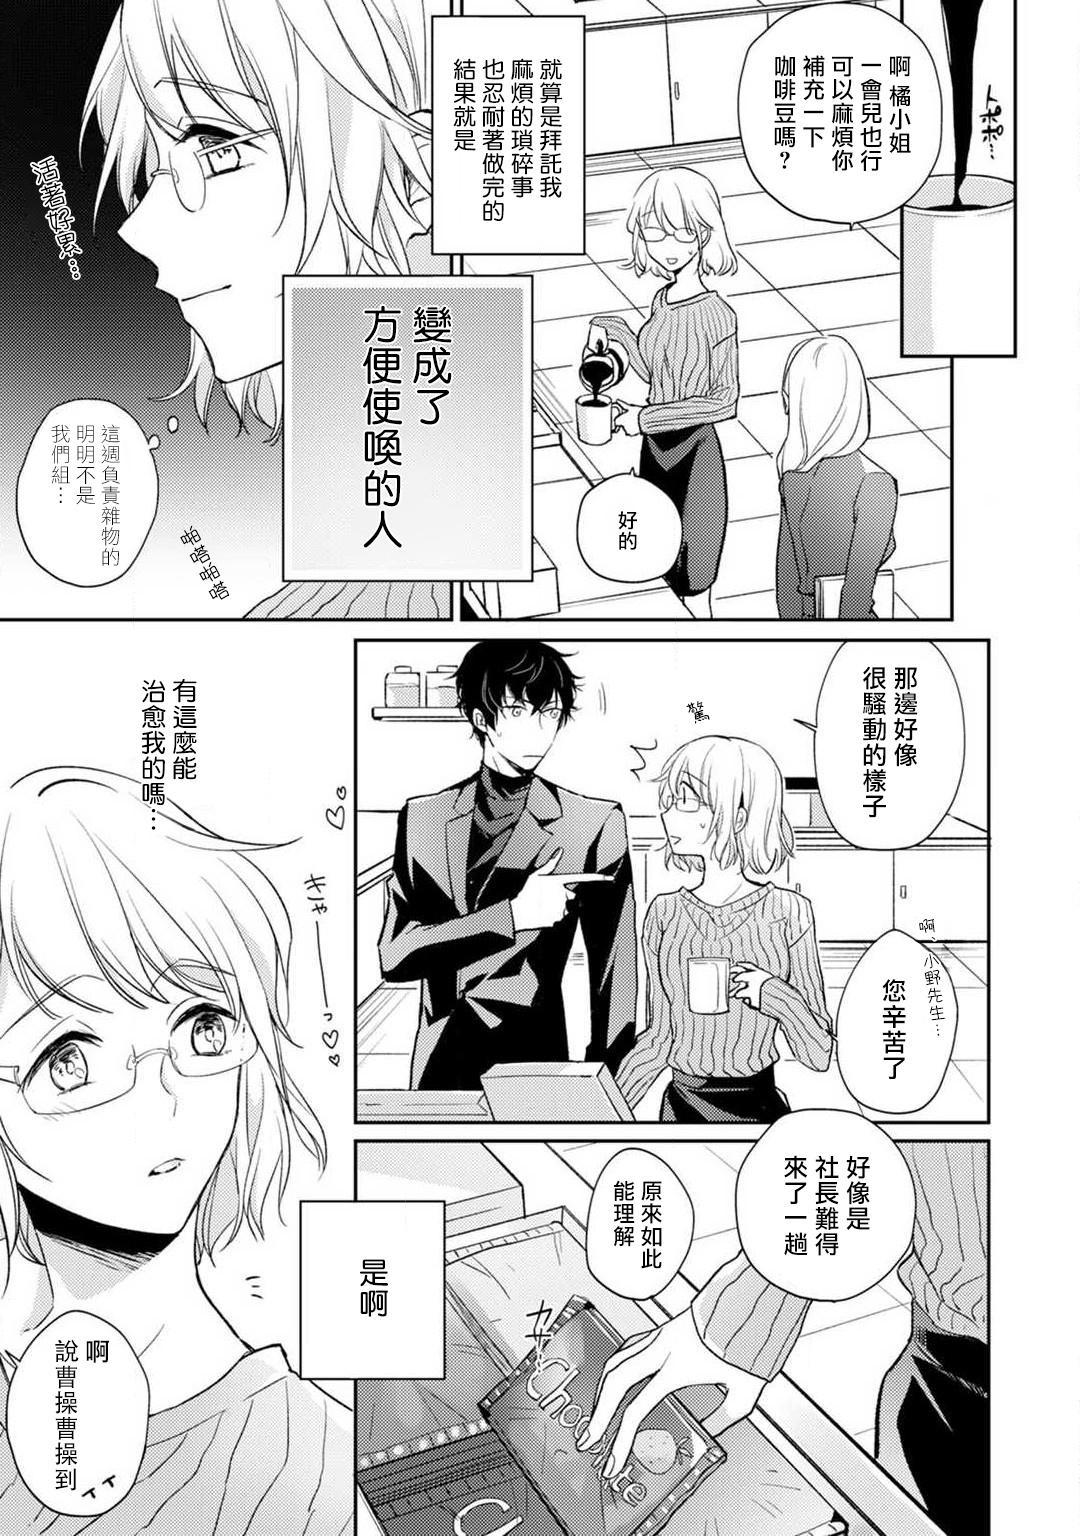 [Shichigatsu Motomi]  Sonna Kao shite, Sasotteru? ~Dekiai Shachou to Migawari Omiaikekkon!?~ 1-7 | 這種表情,在誘惑我嗎?~溺愛社長和替身相親結婚!? act.1 [Chinese] [拾荒者汉化组] 3